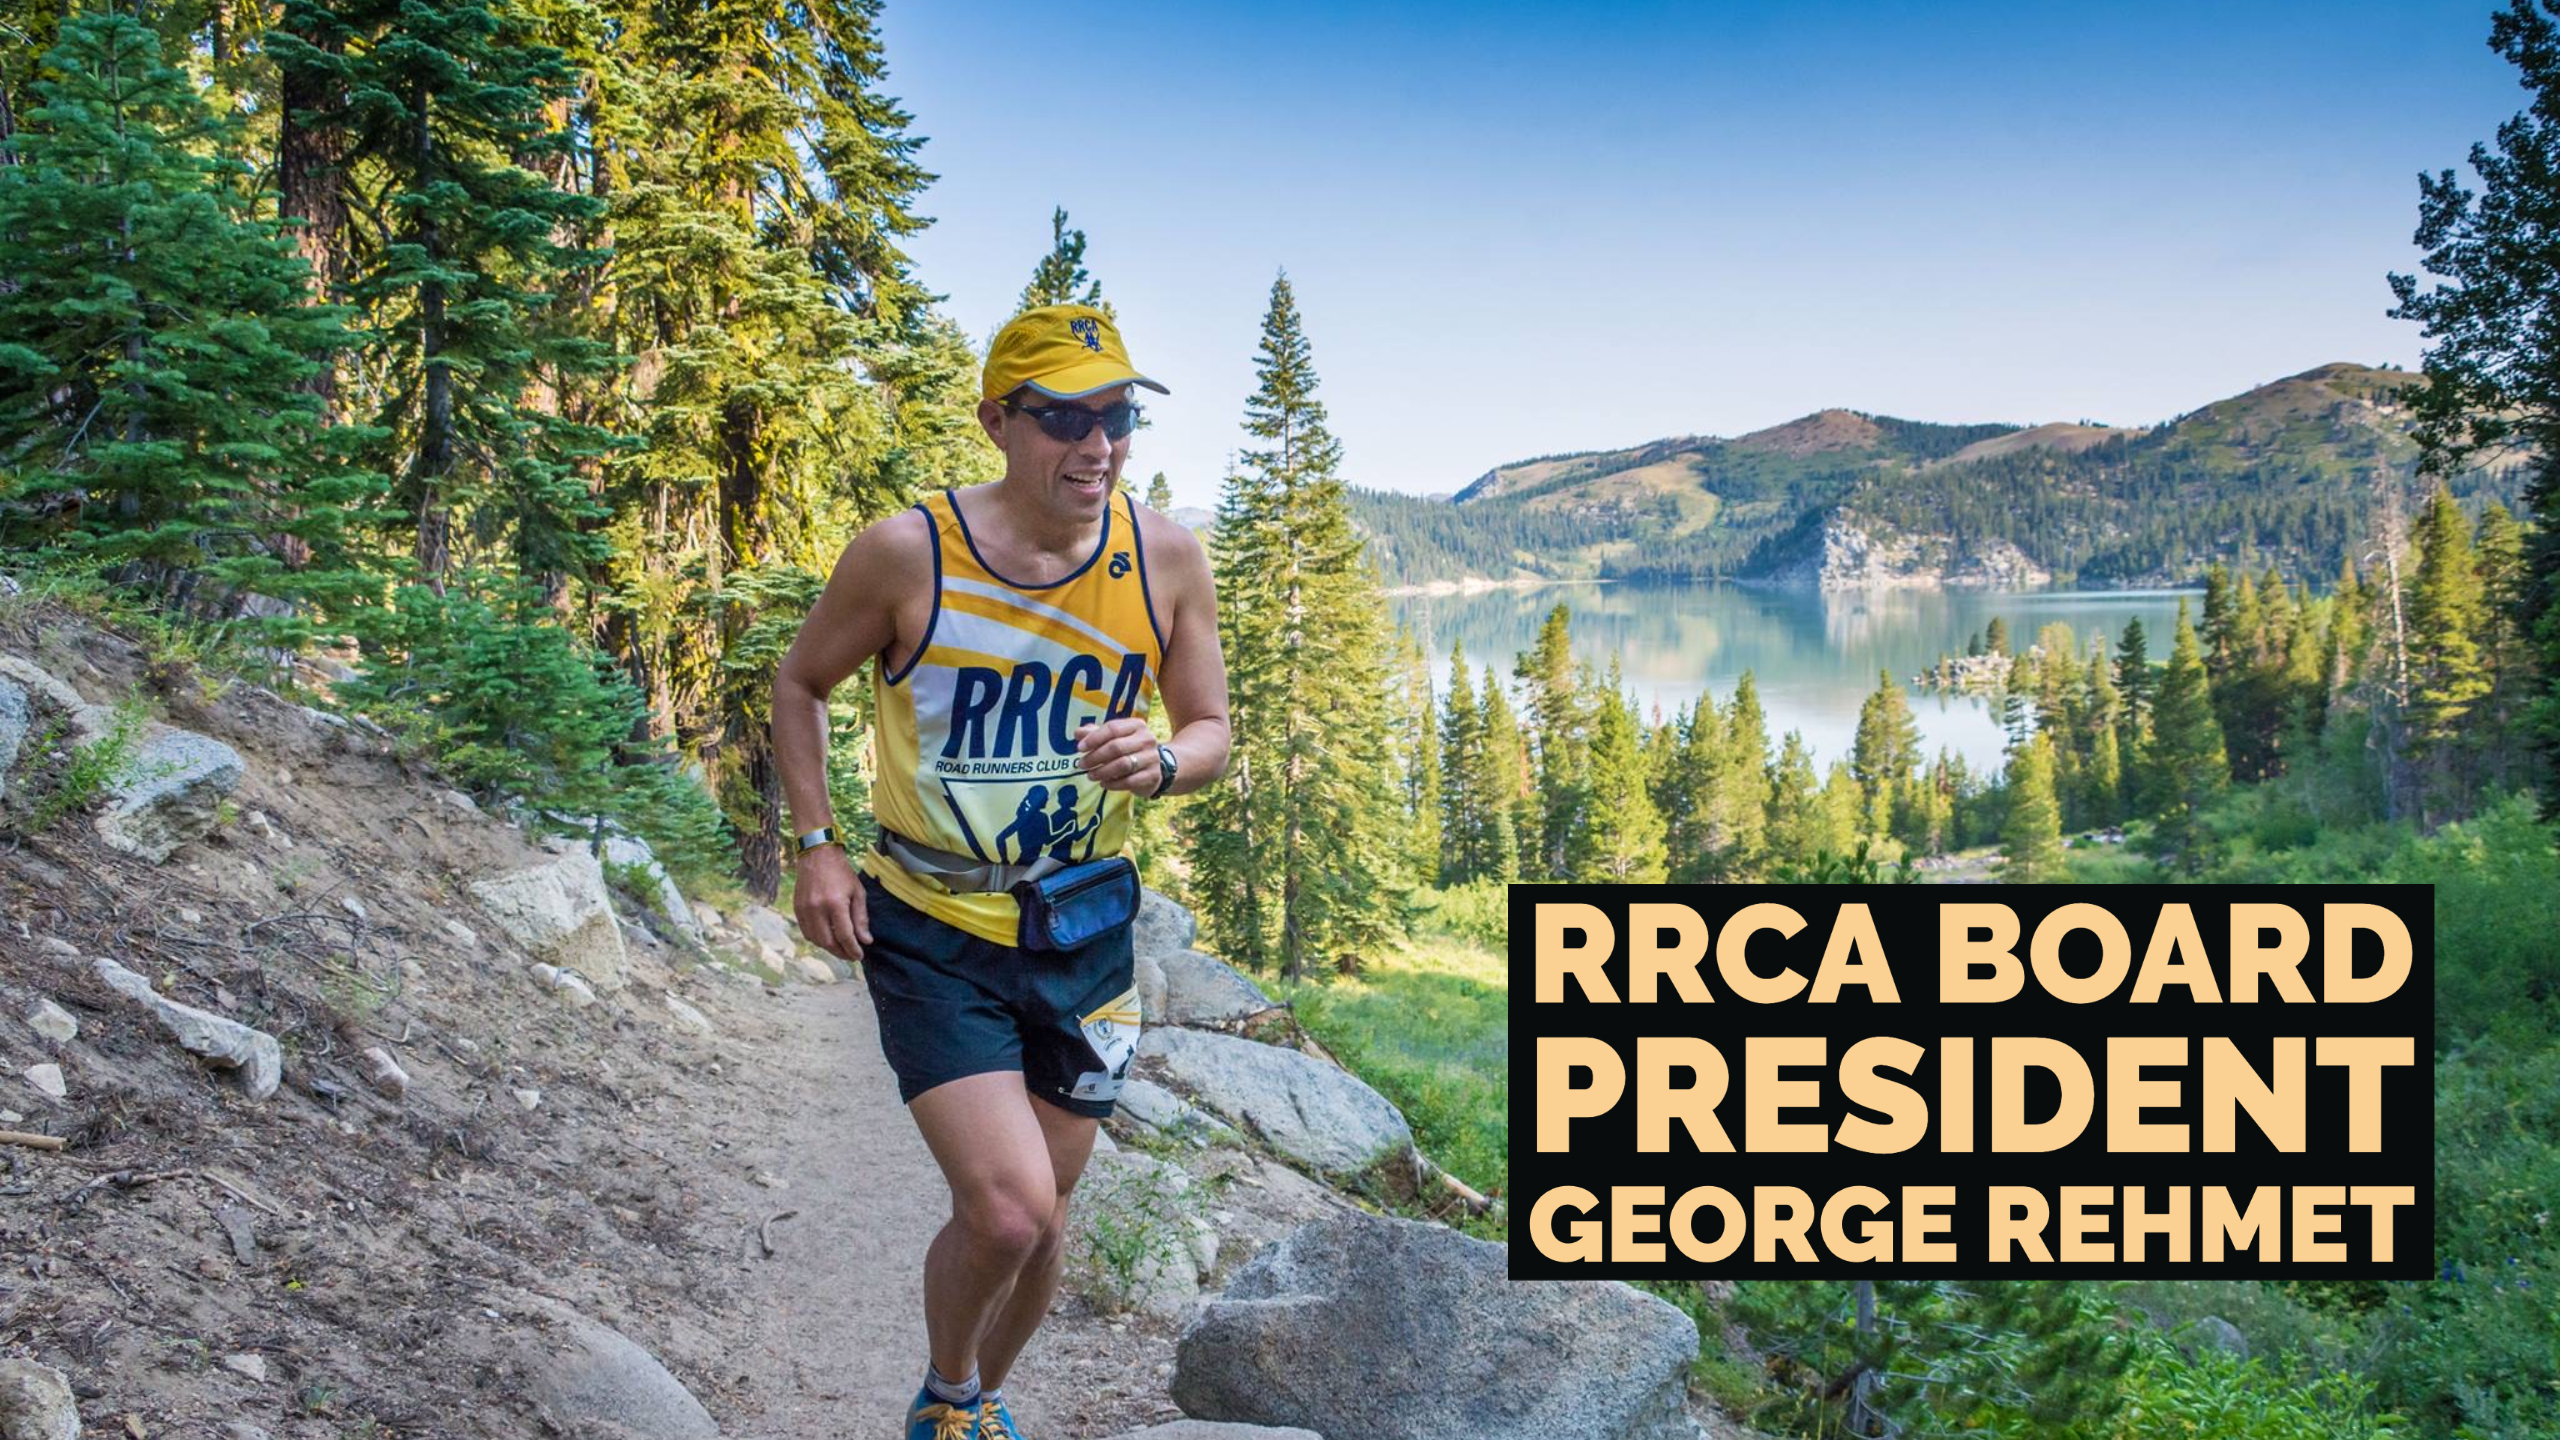 Board President of the Road Runners Club of America George Rehmet